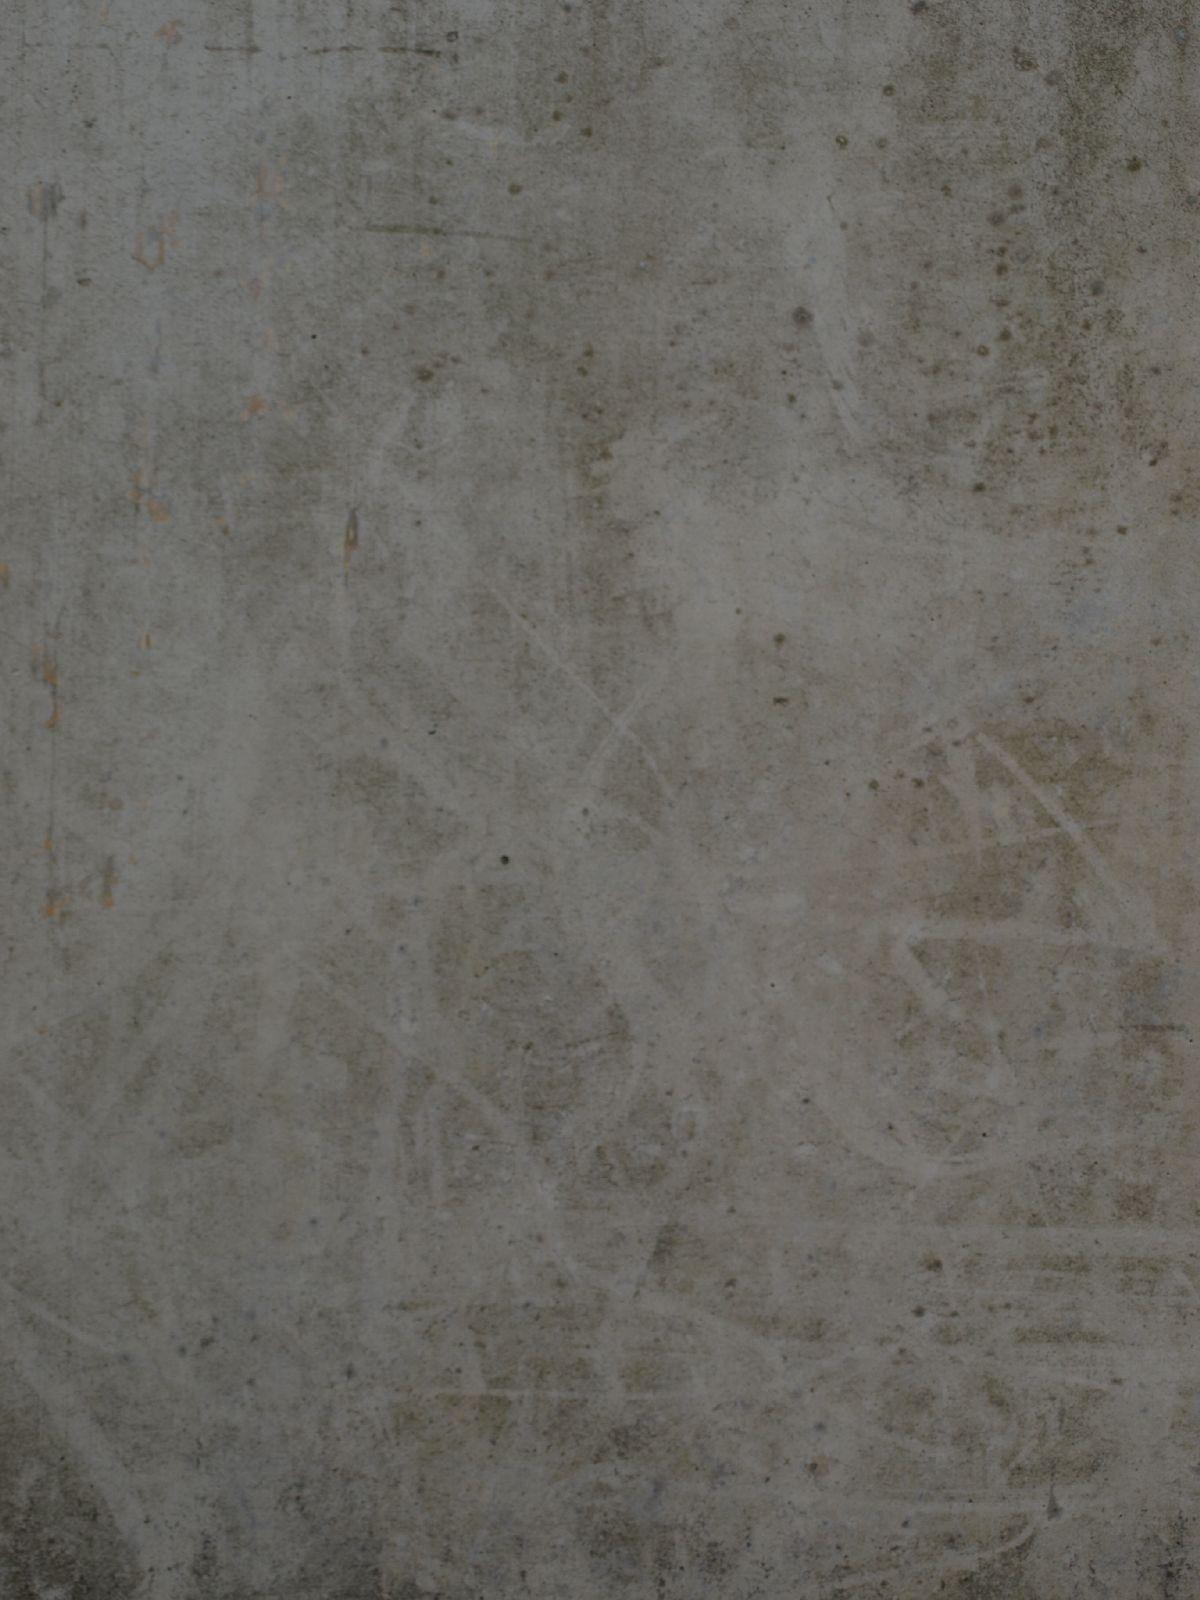 Grunge-Dreck_Textur_A_P8309446